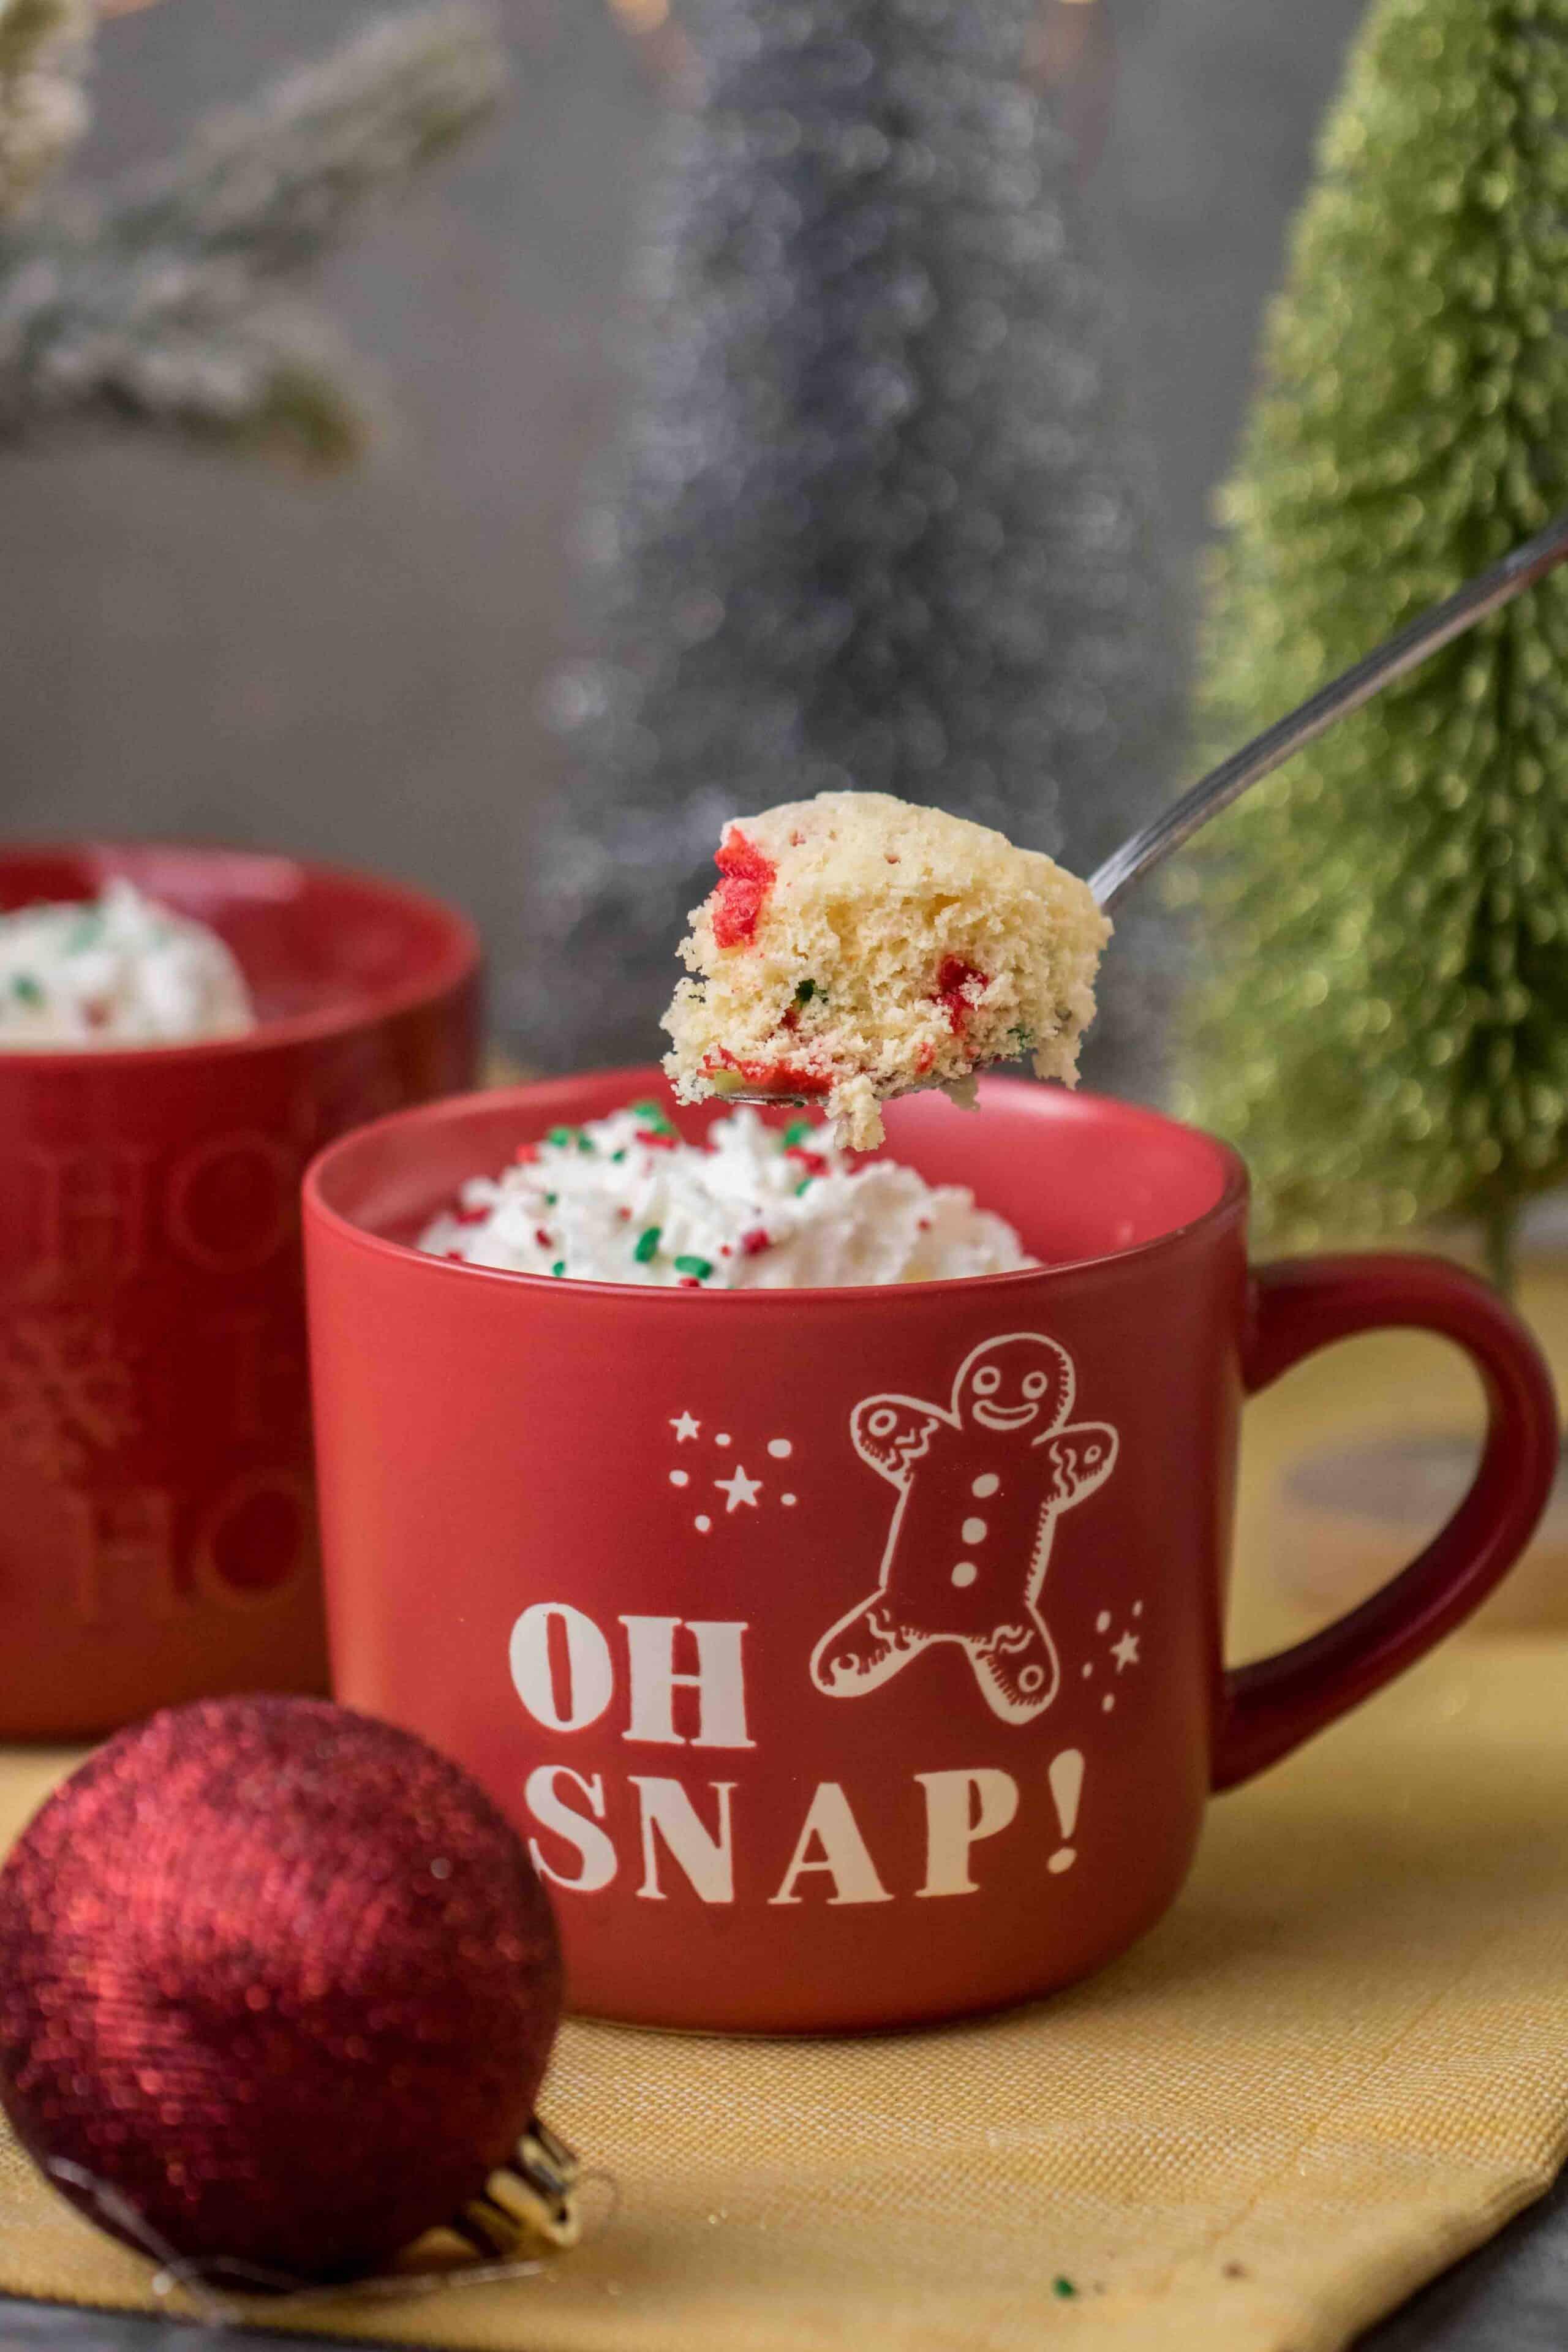 Christmas mug cake in cute Christmas mug